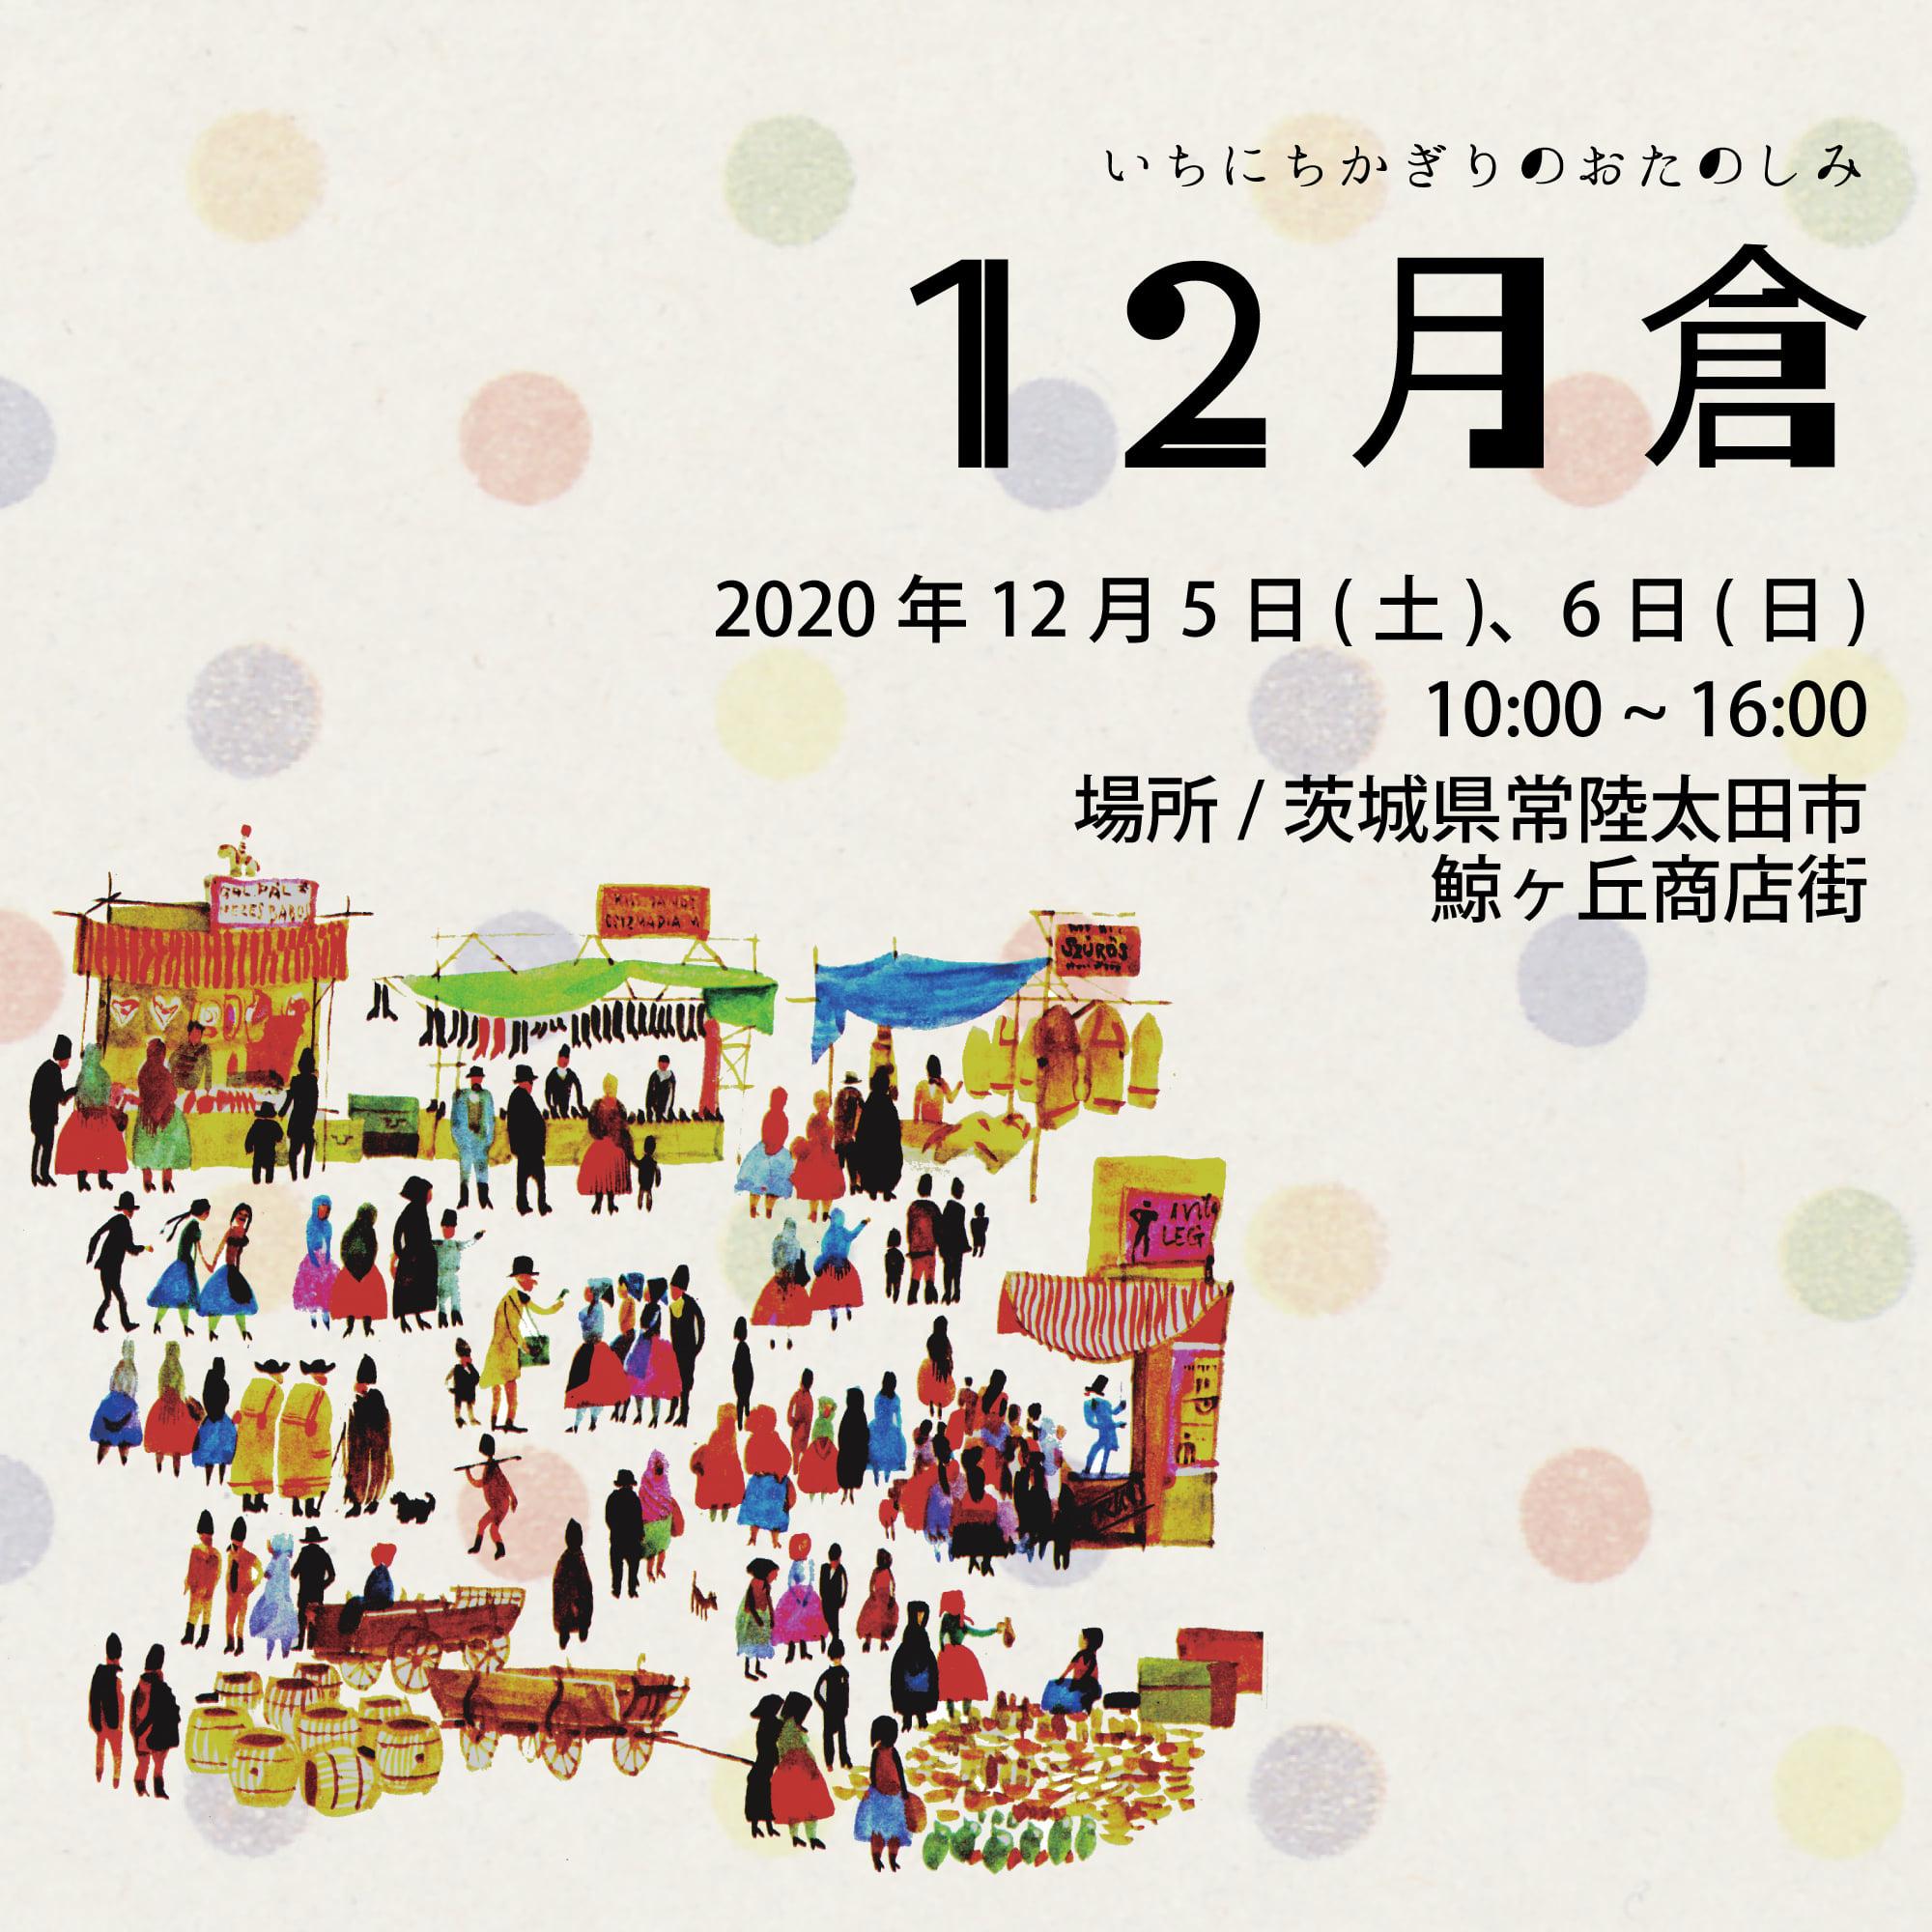 鯨ヶ丘商店街主催イベント「12月倉」